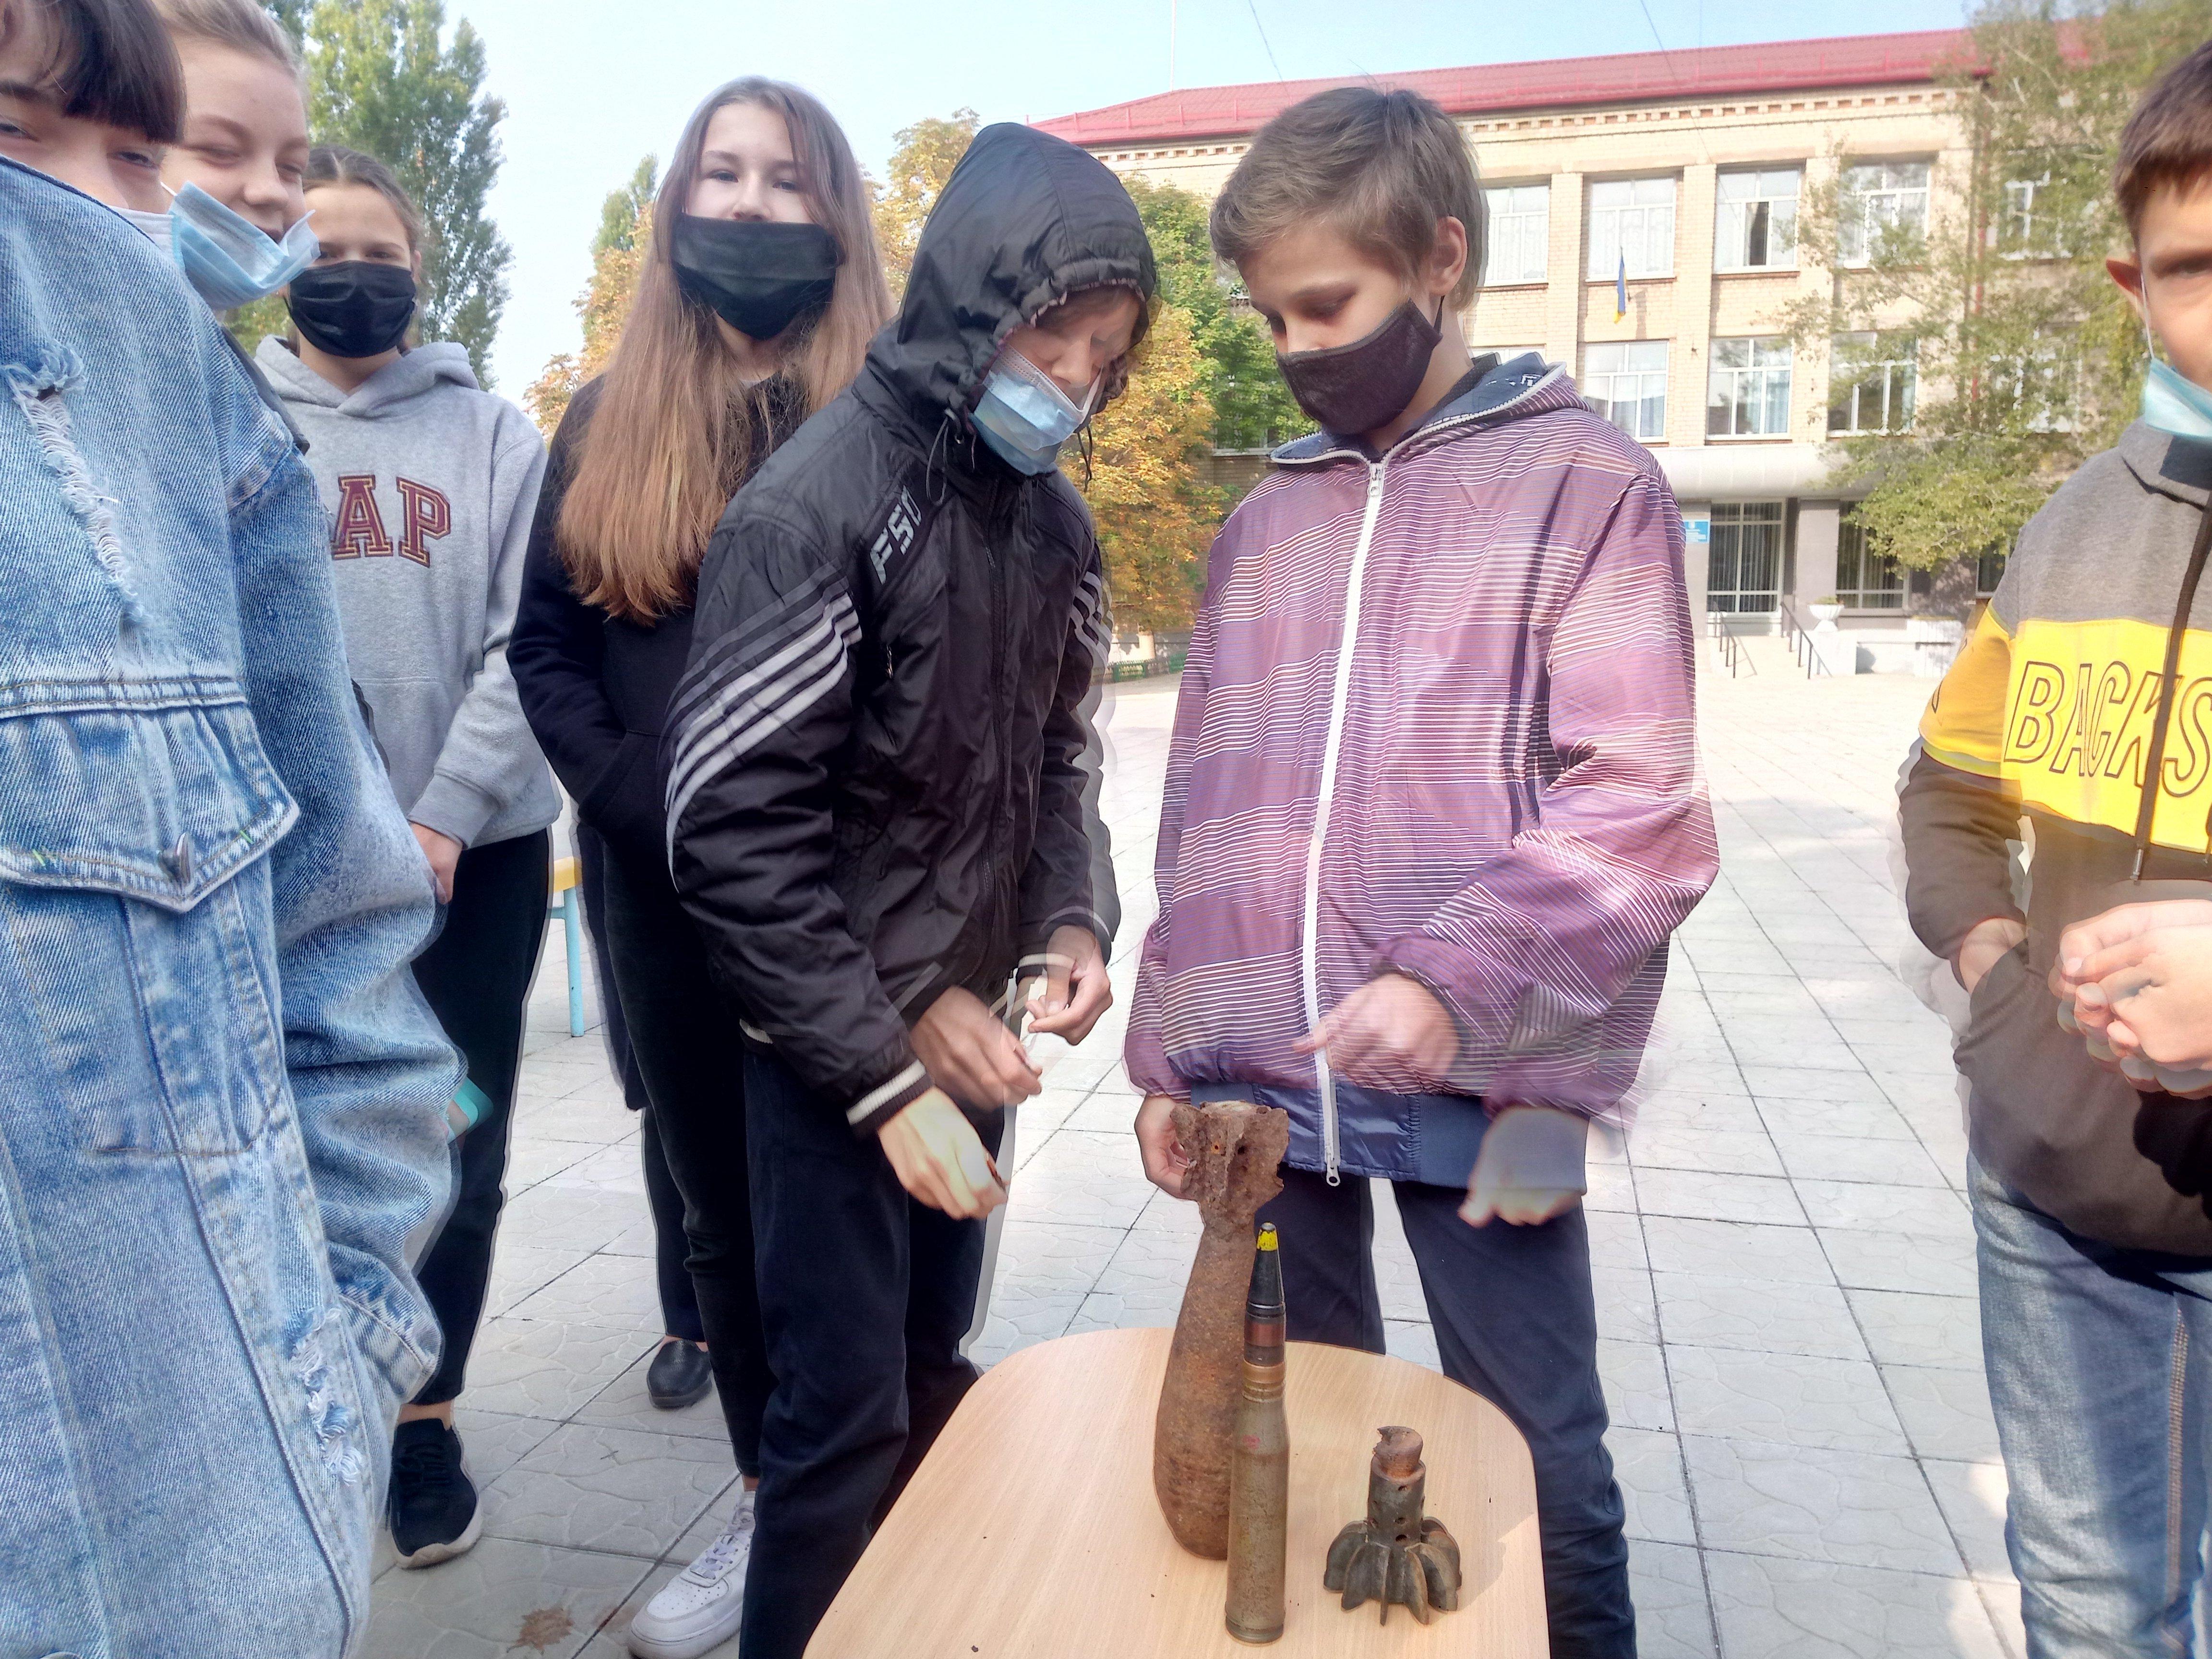 В Рубежном спасатели рассказали школьникам о правилах поведения при обнаружении опасных предметов